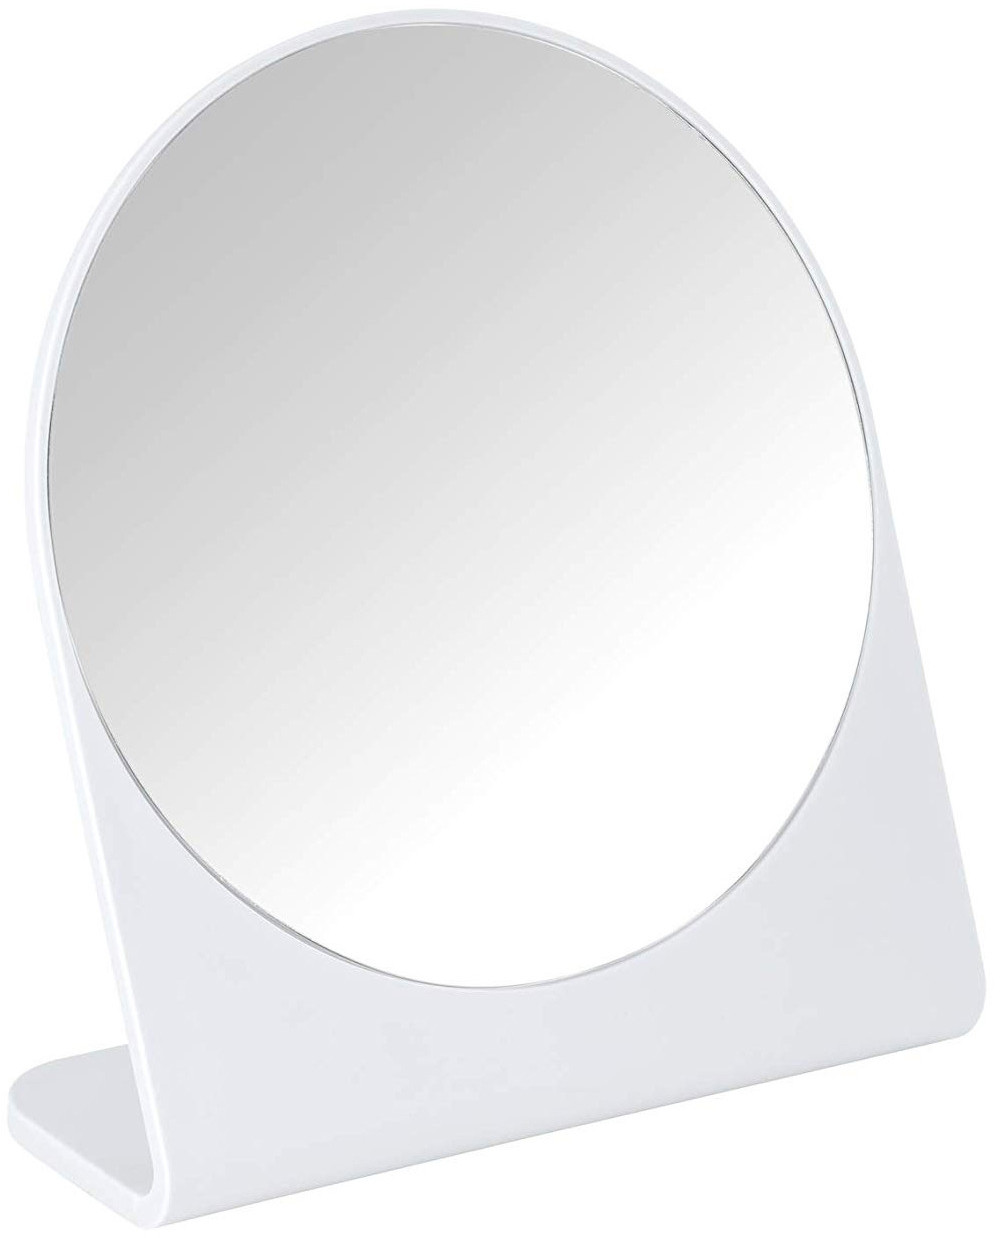 WENKO Lusterko powiększające Marcon stojące 17 cm kolor biały B07NW568GJ